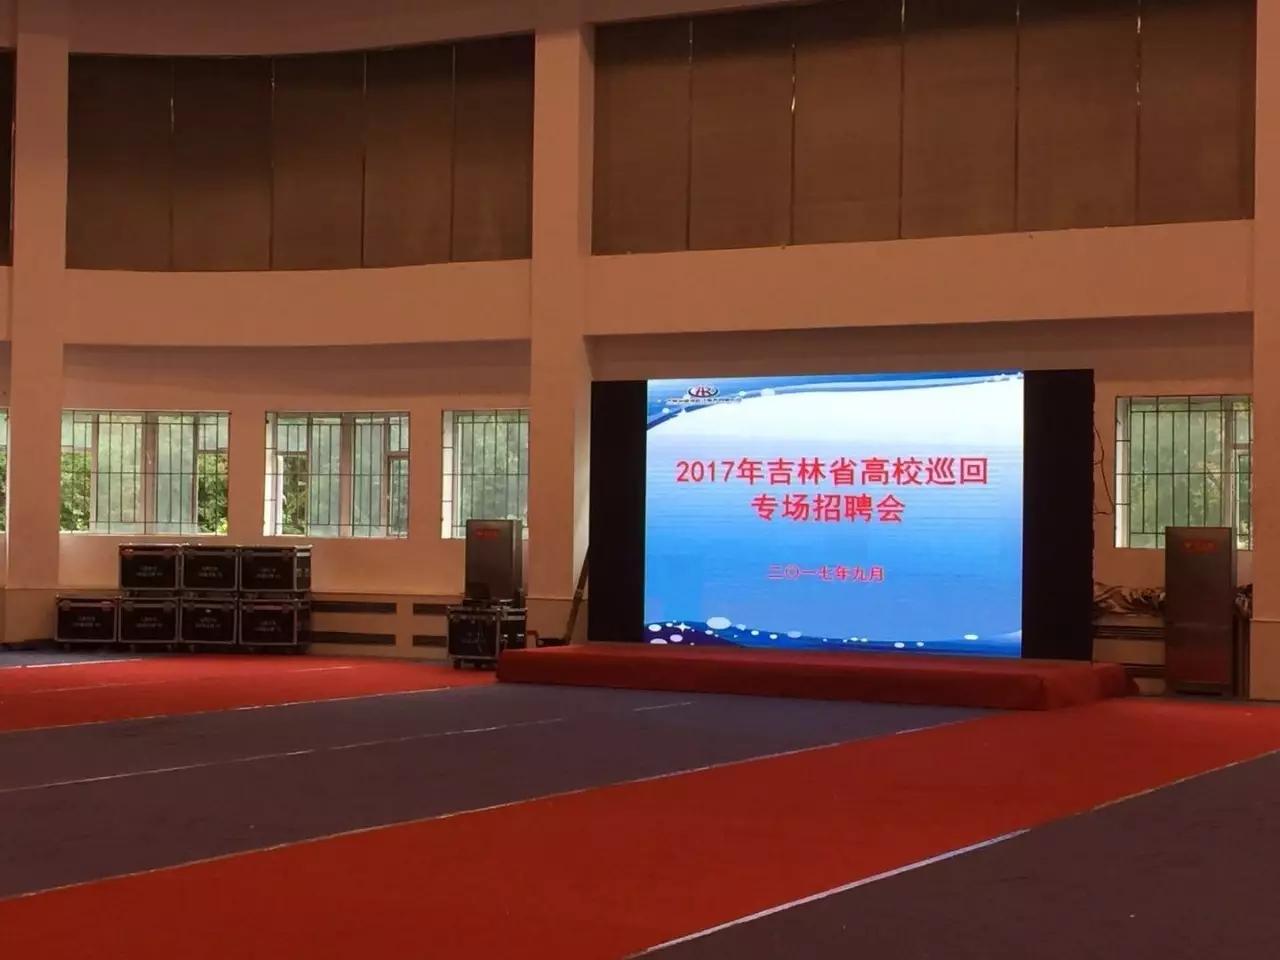 吉林省高校betway官方下载专场betway88官网电玩推荐会圆满落幕